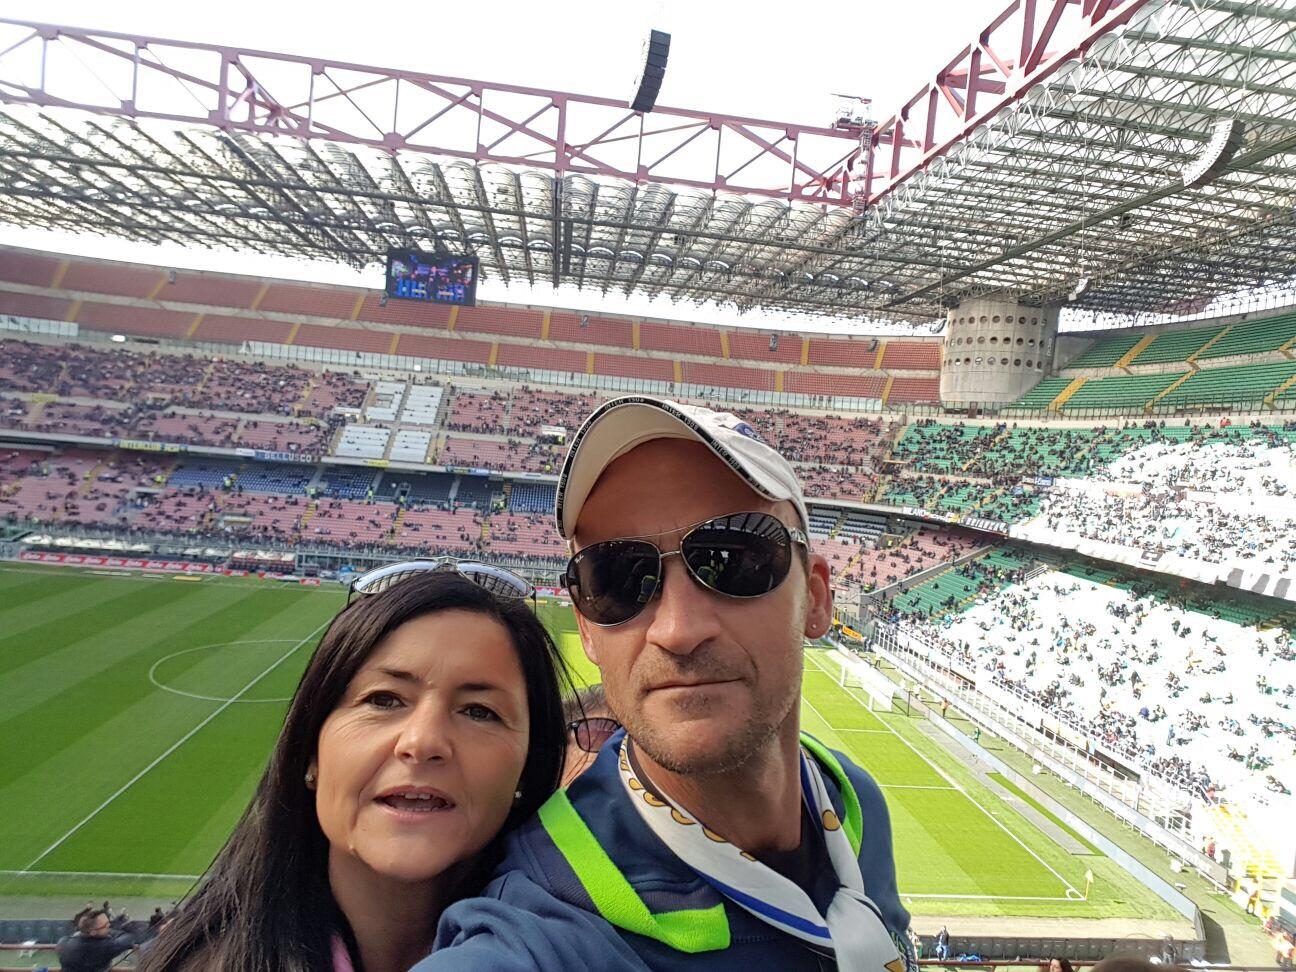 Ottolini vladimiro allo stadio san siro - Cosa si puo portare allo stadio san siro ...